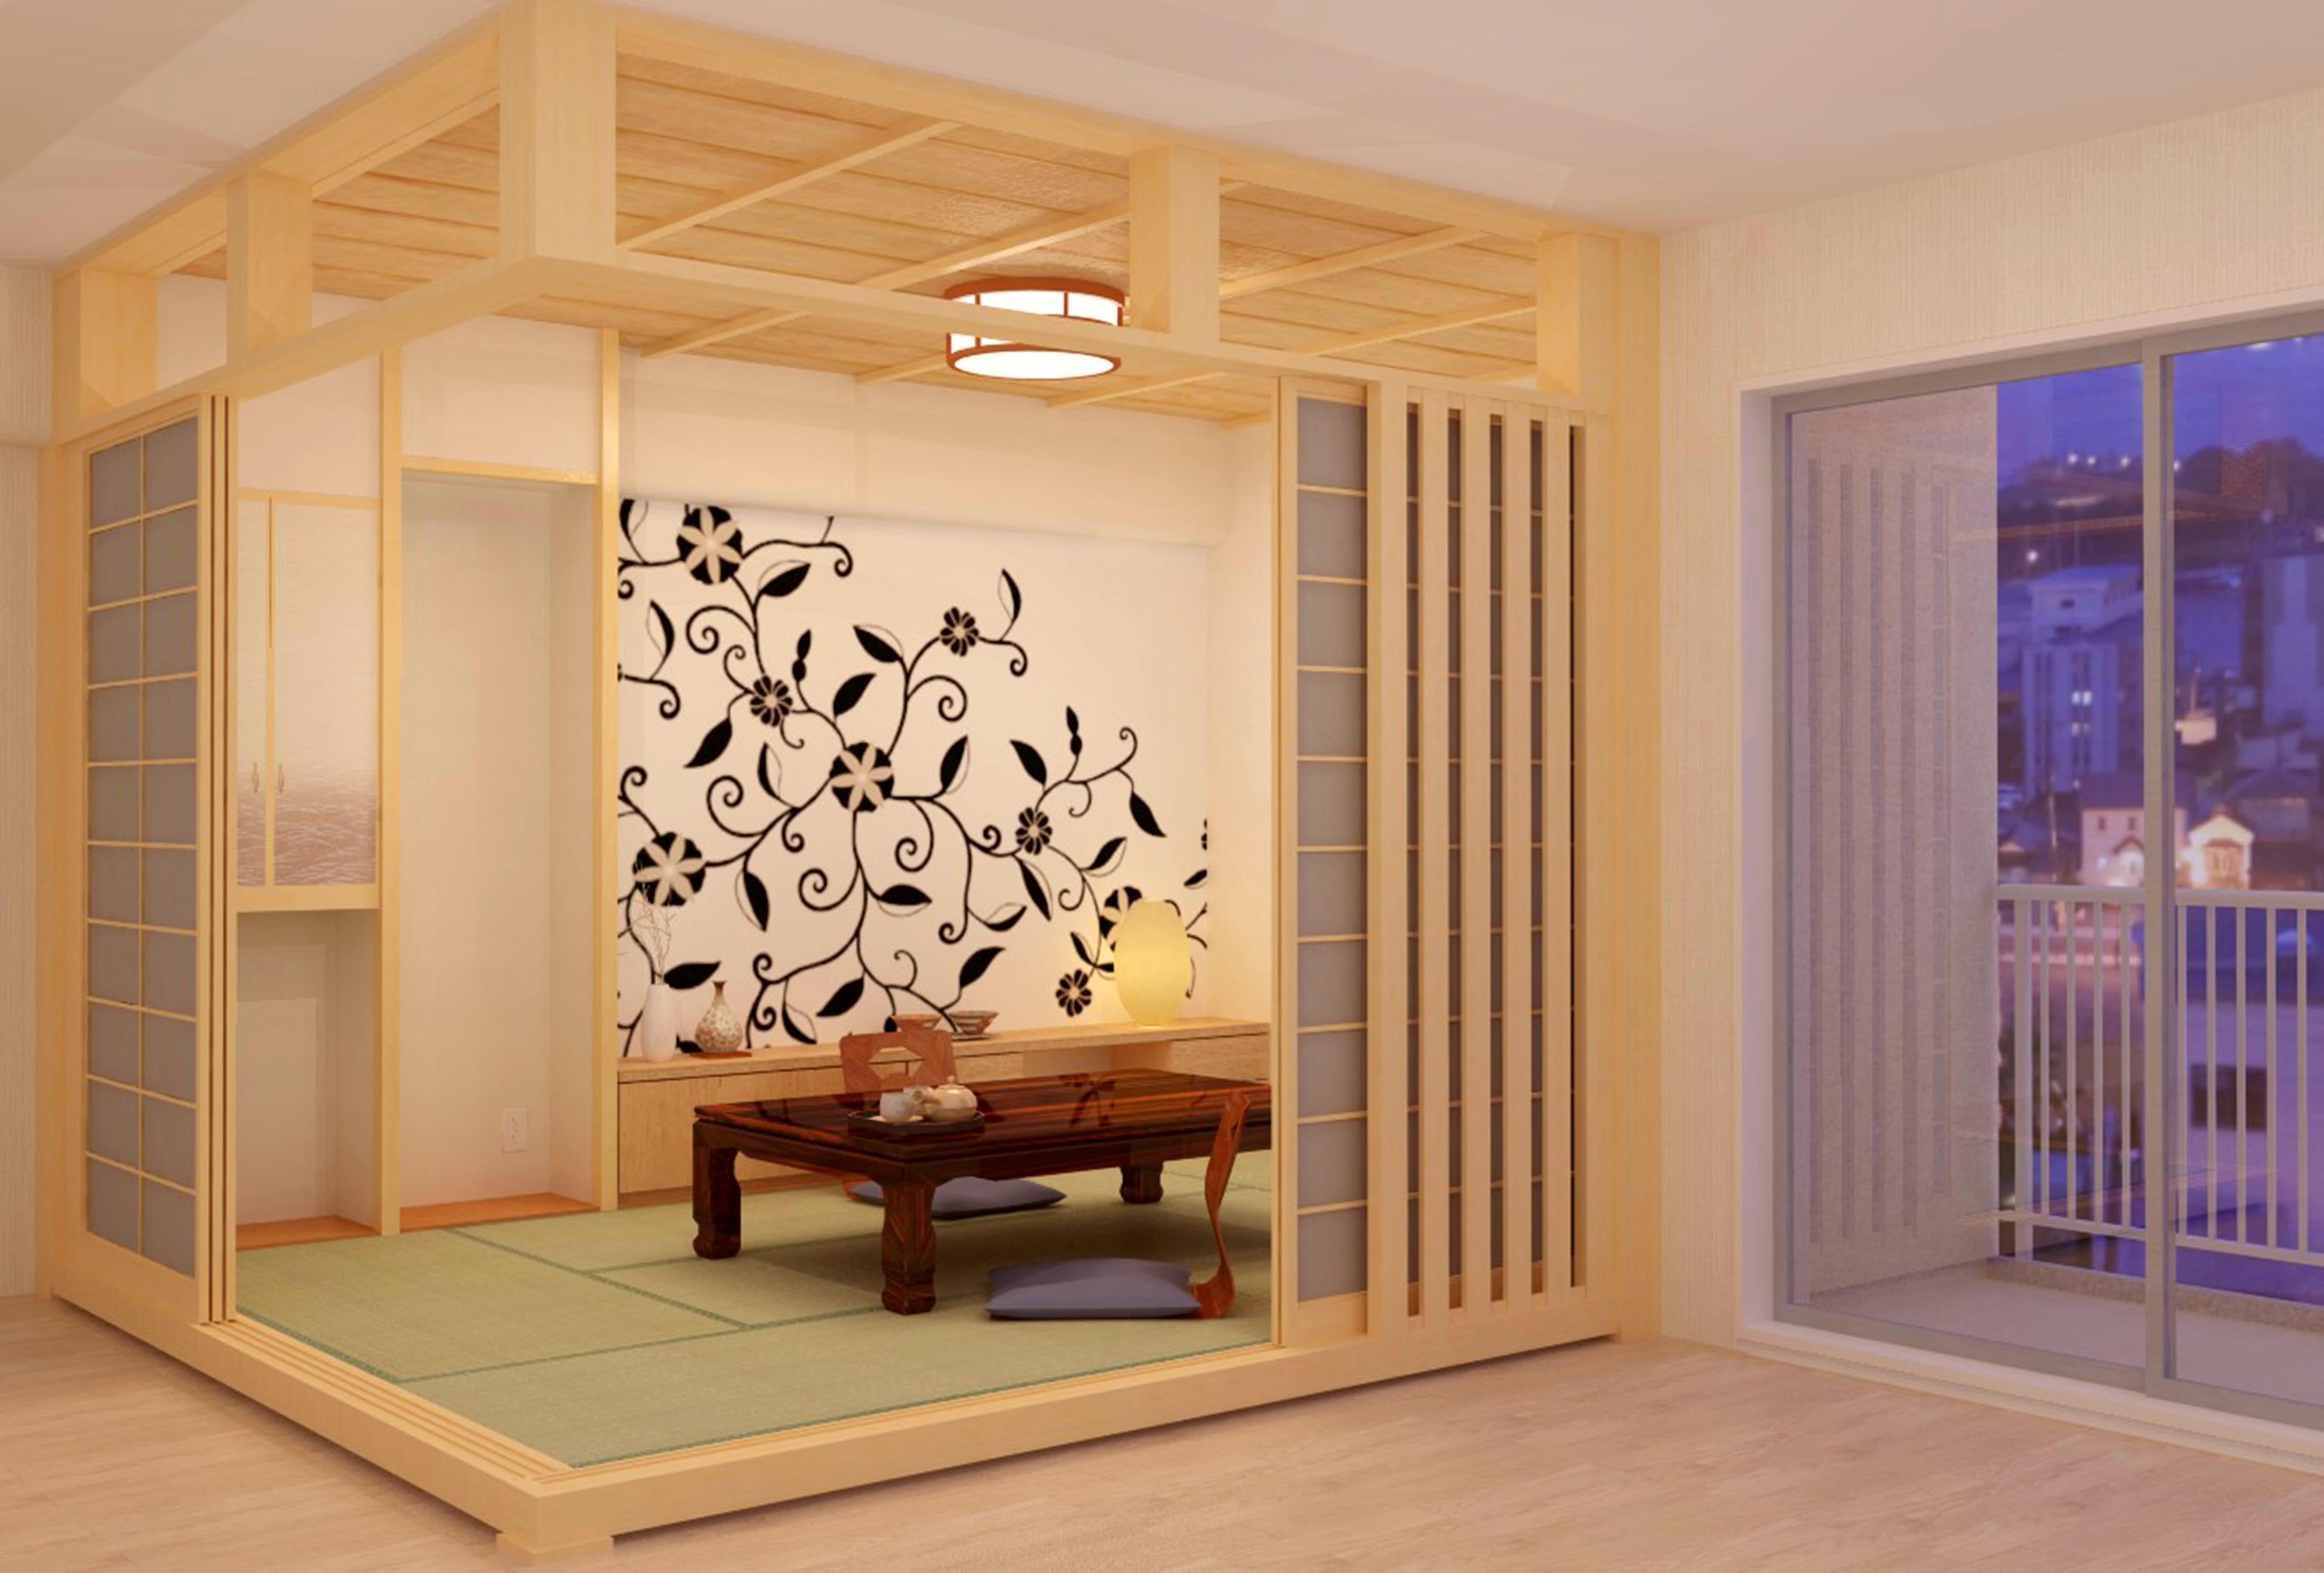 マンションリフォーム和室壁紙パース1 和室 パース クロス 壁紙